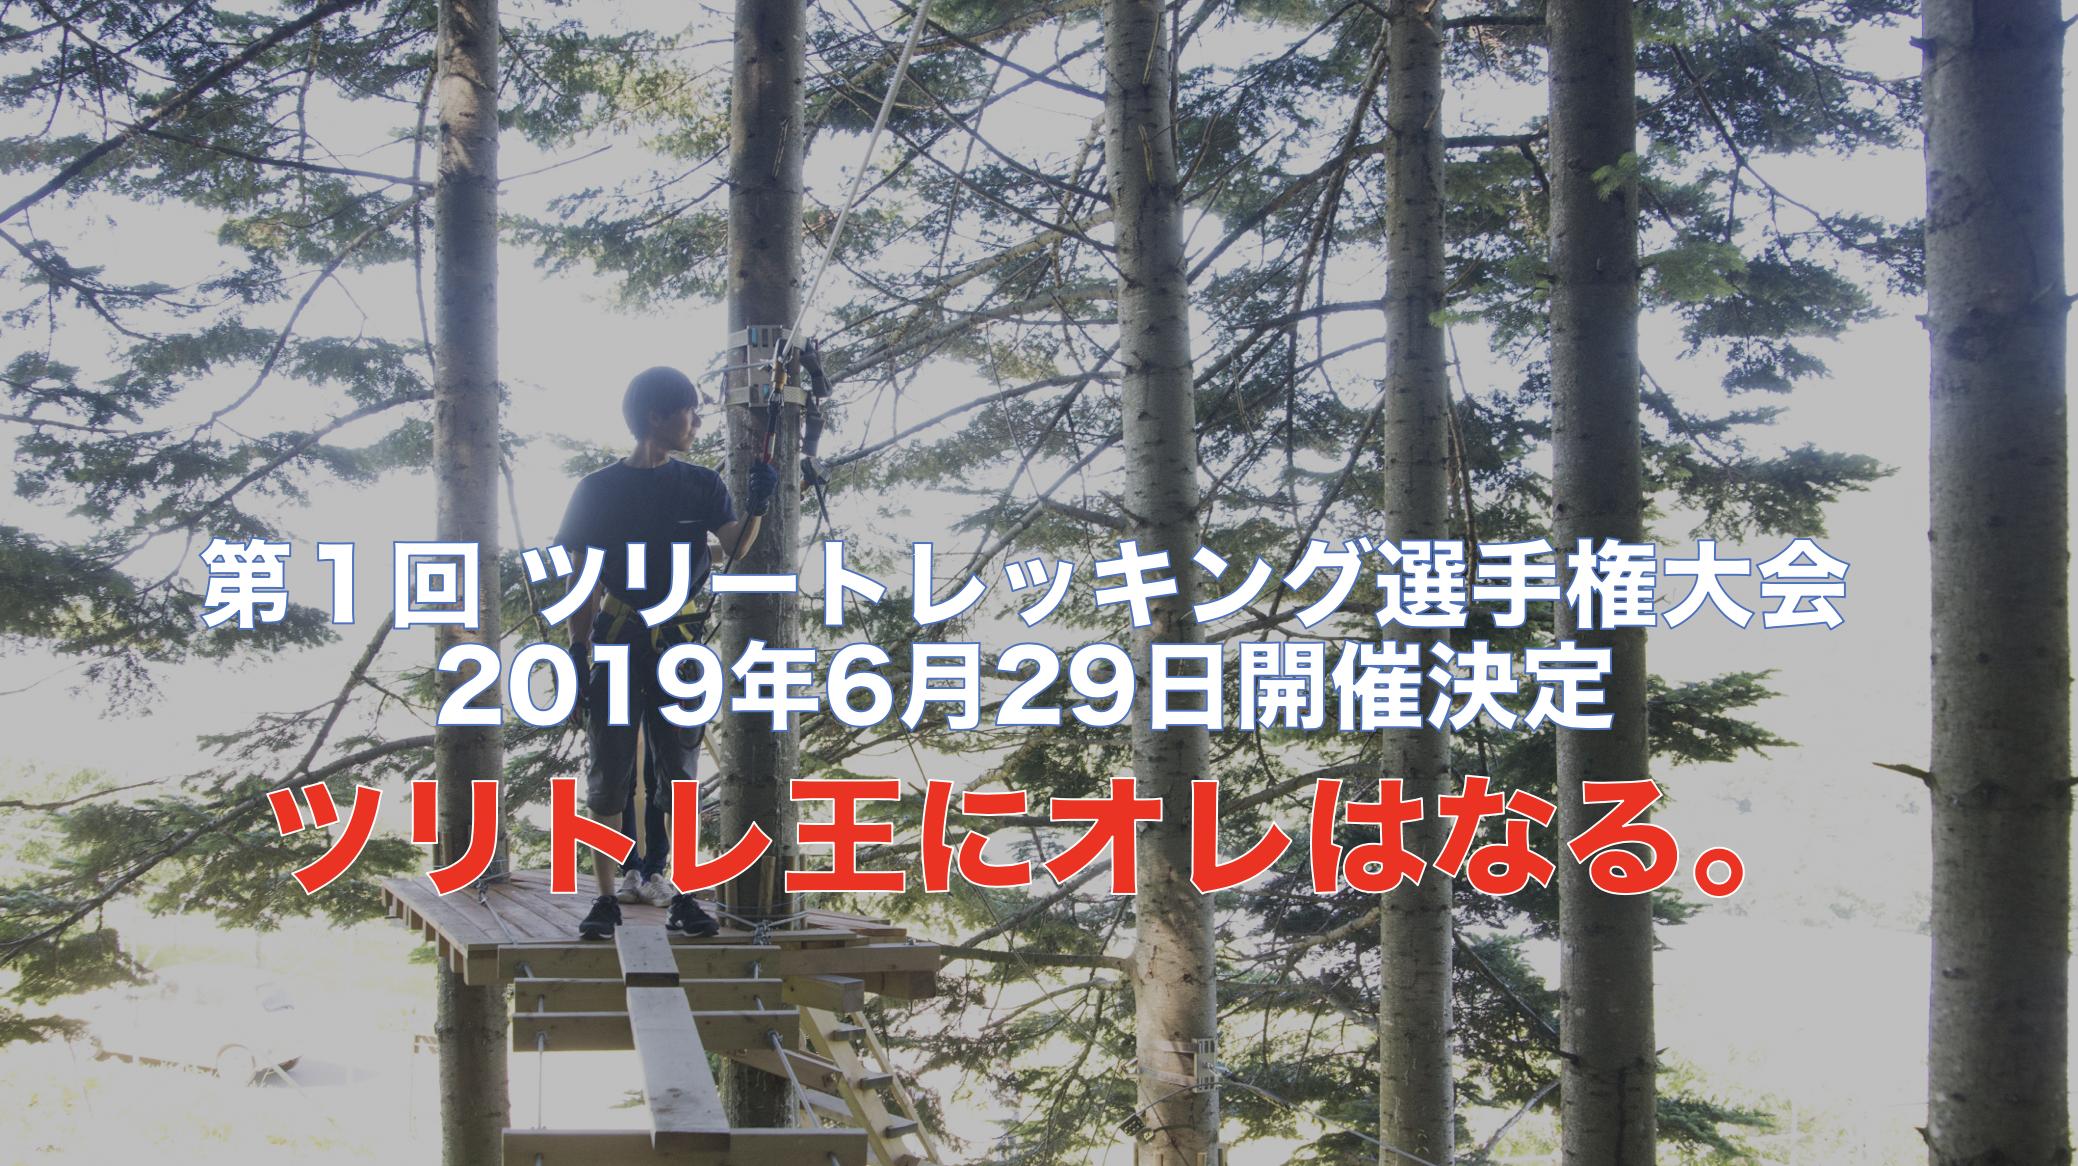 ツリトレ王選手権大会が北海道新聞に掲載されました。